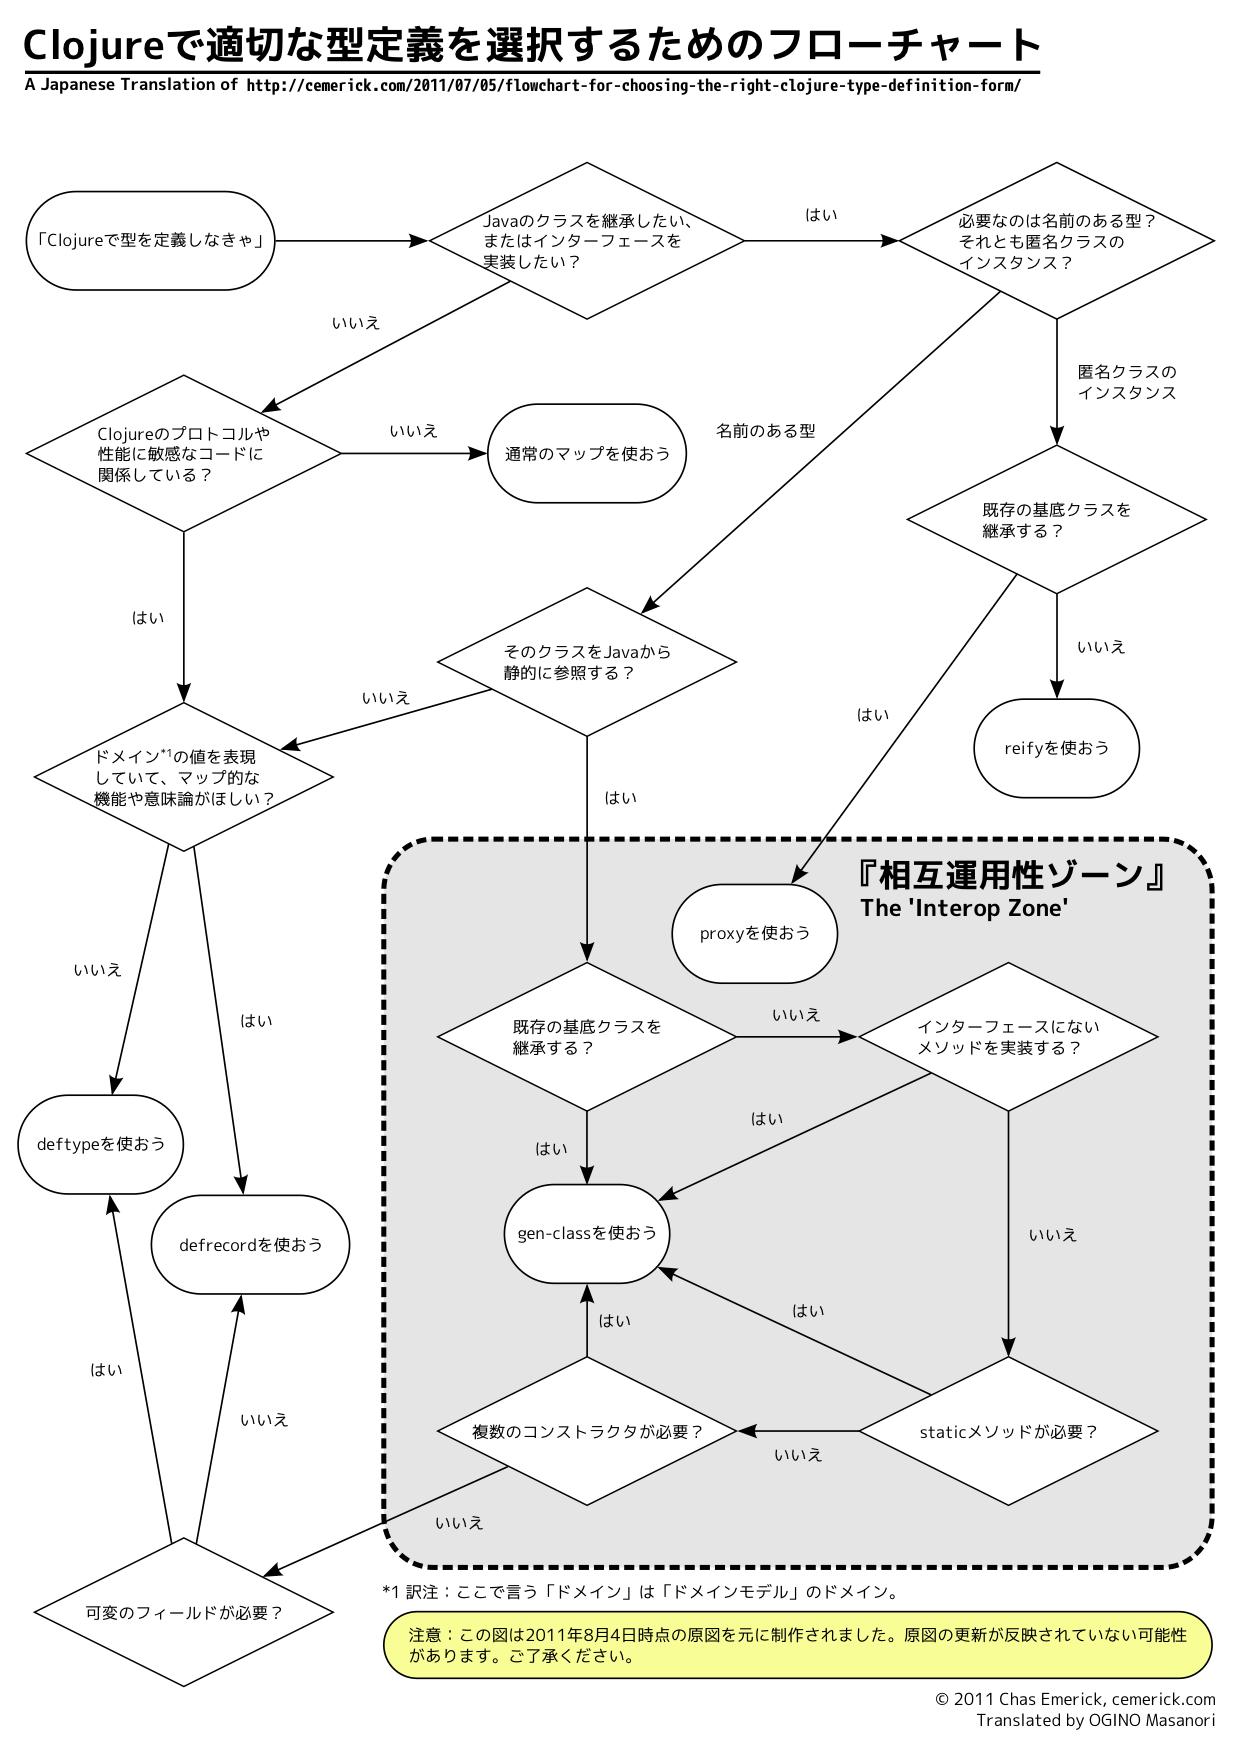 Clojure で適切な型定義を選択するためのフローチャート